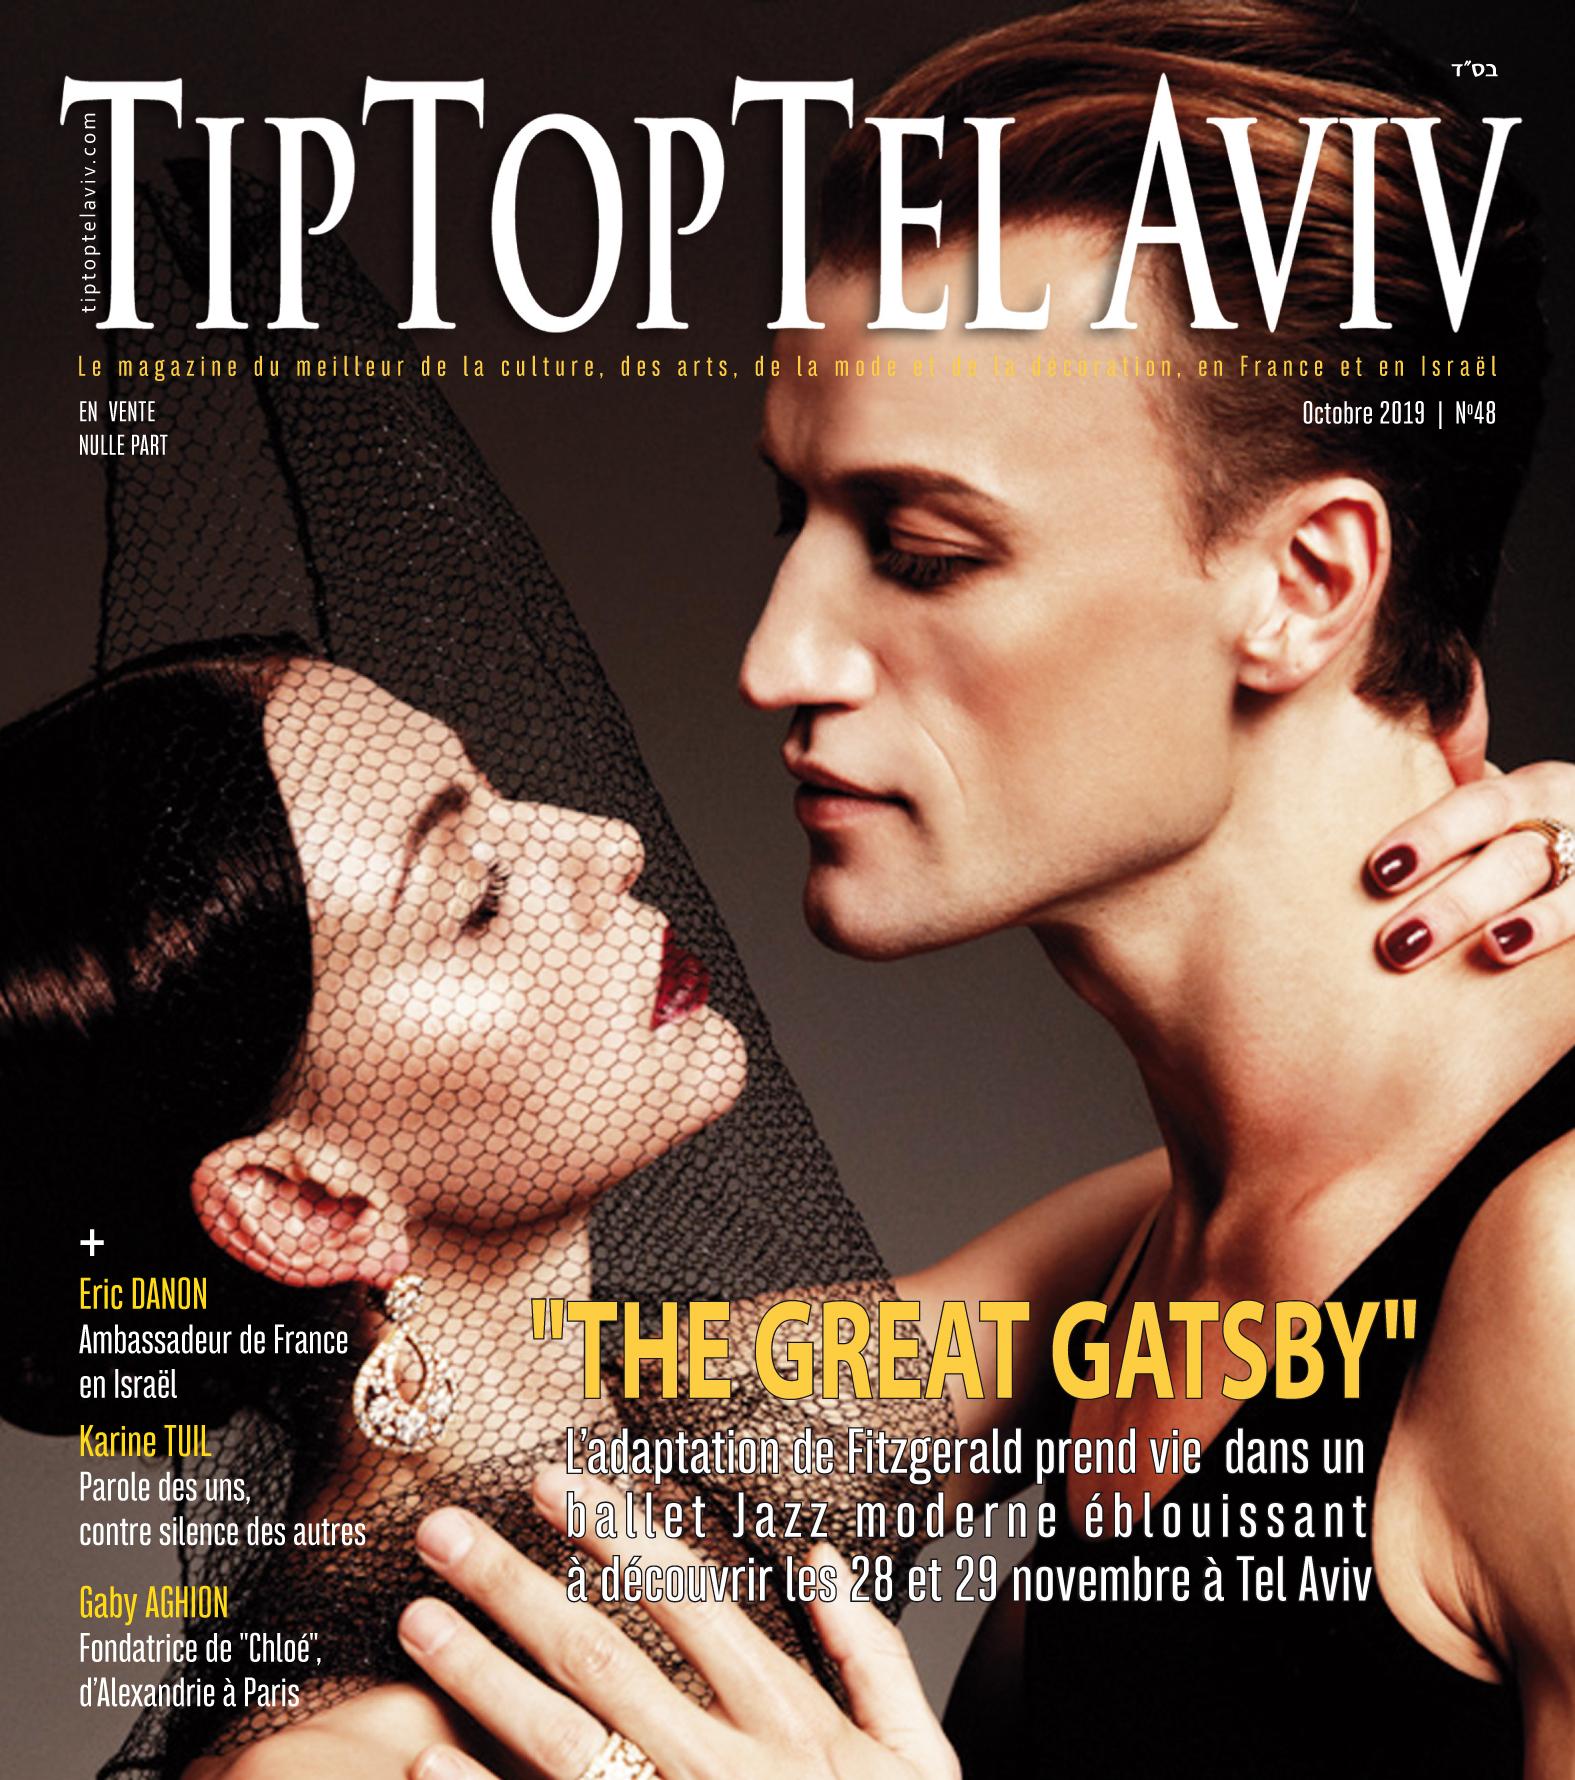 cover octobre 19